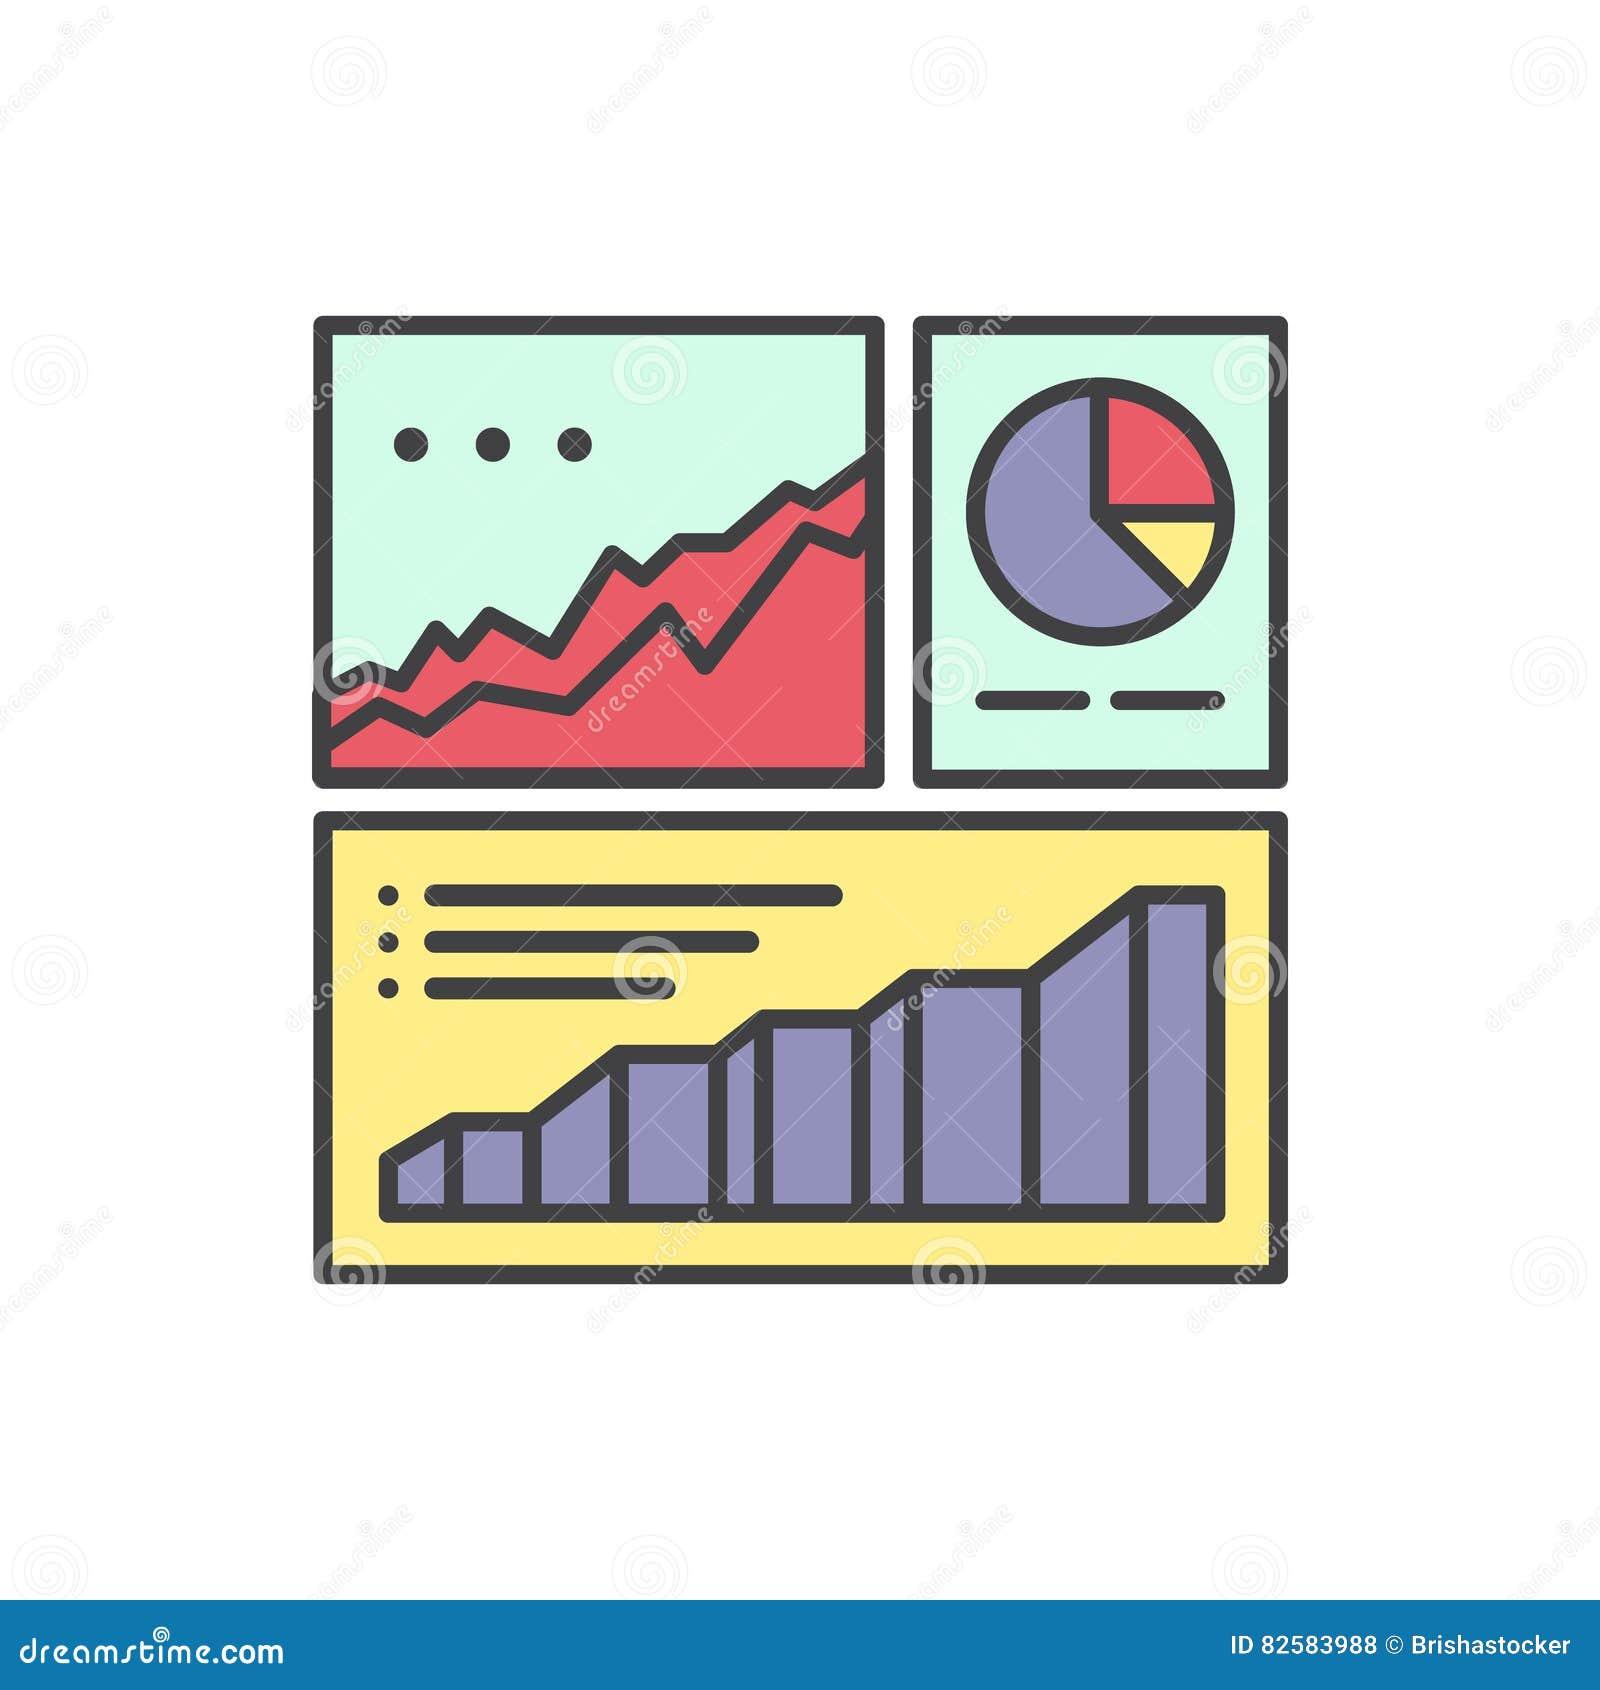 网逻辑分析方法信息和发展网站统计商标与简单数据形象化与图表和图